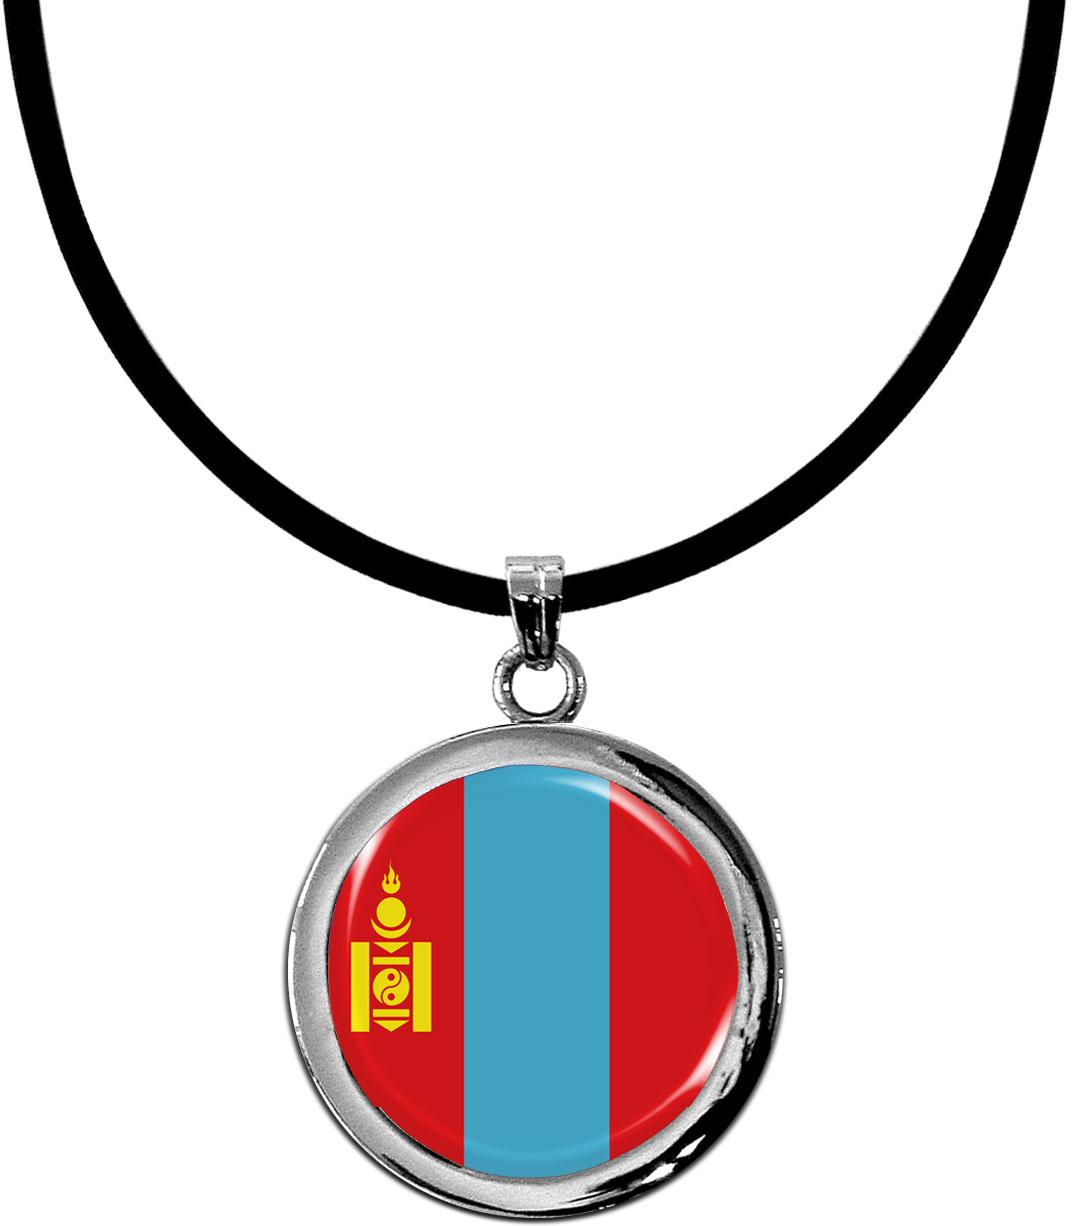 Kettenanhänger / Mongolei / Silikonband mit Silberverschluss